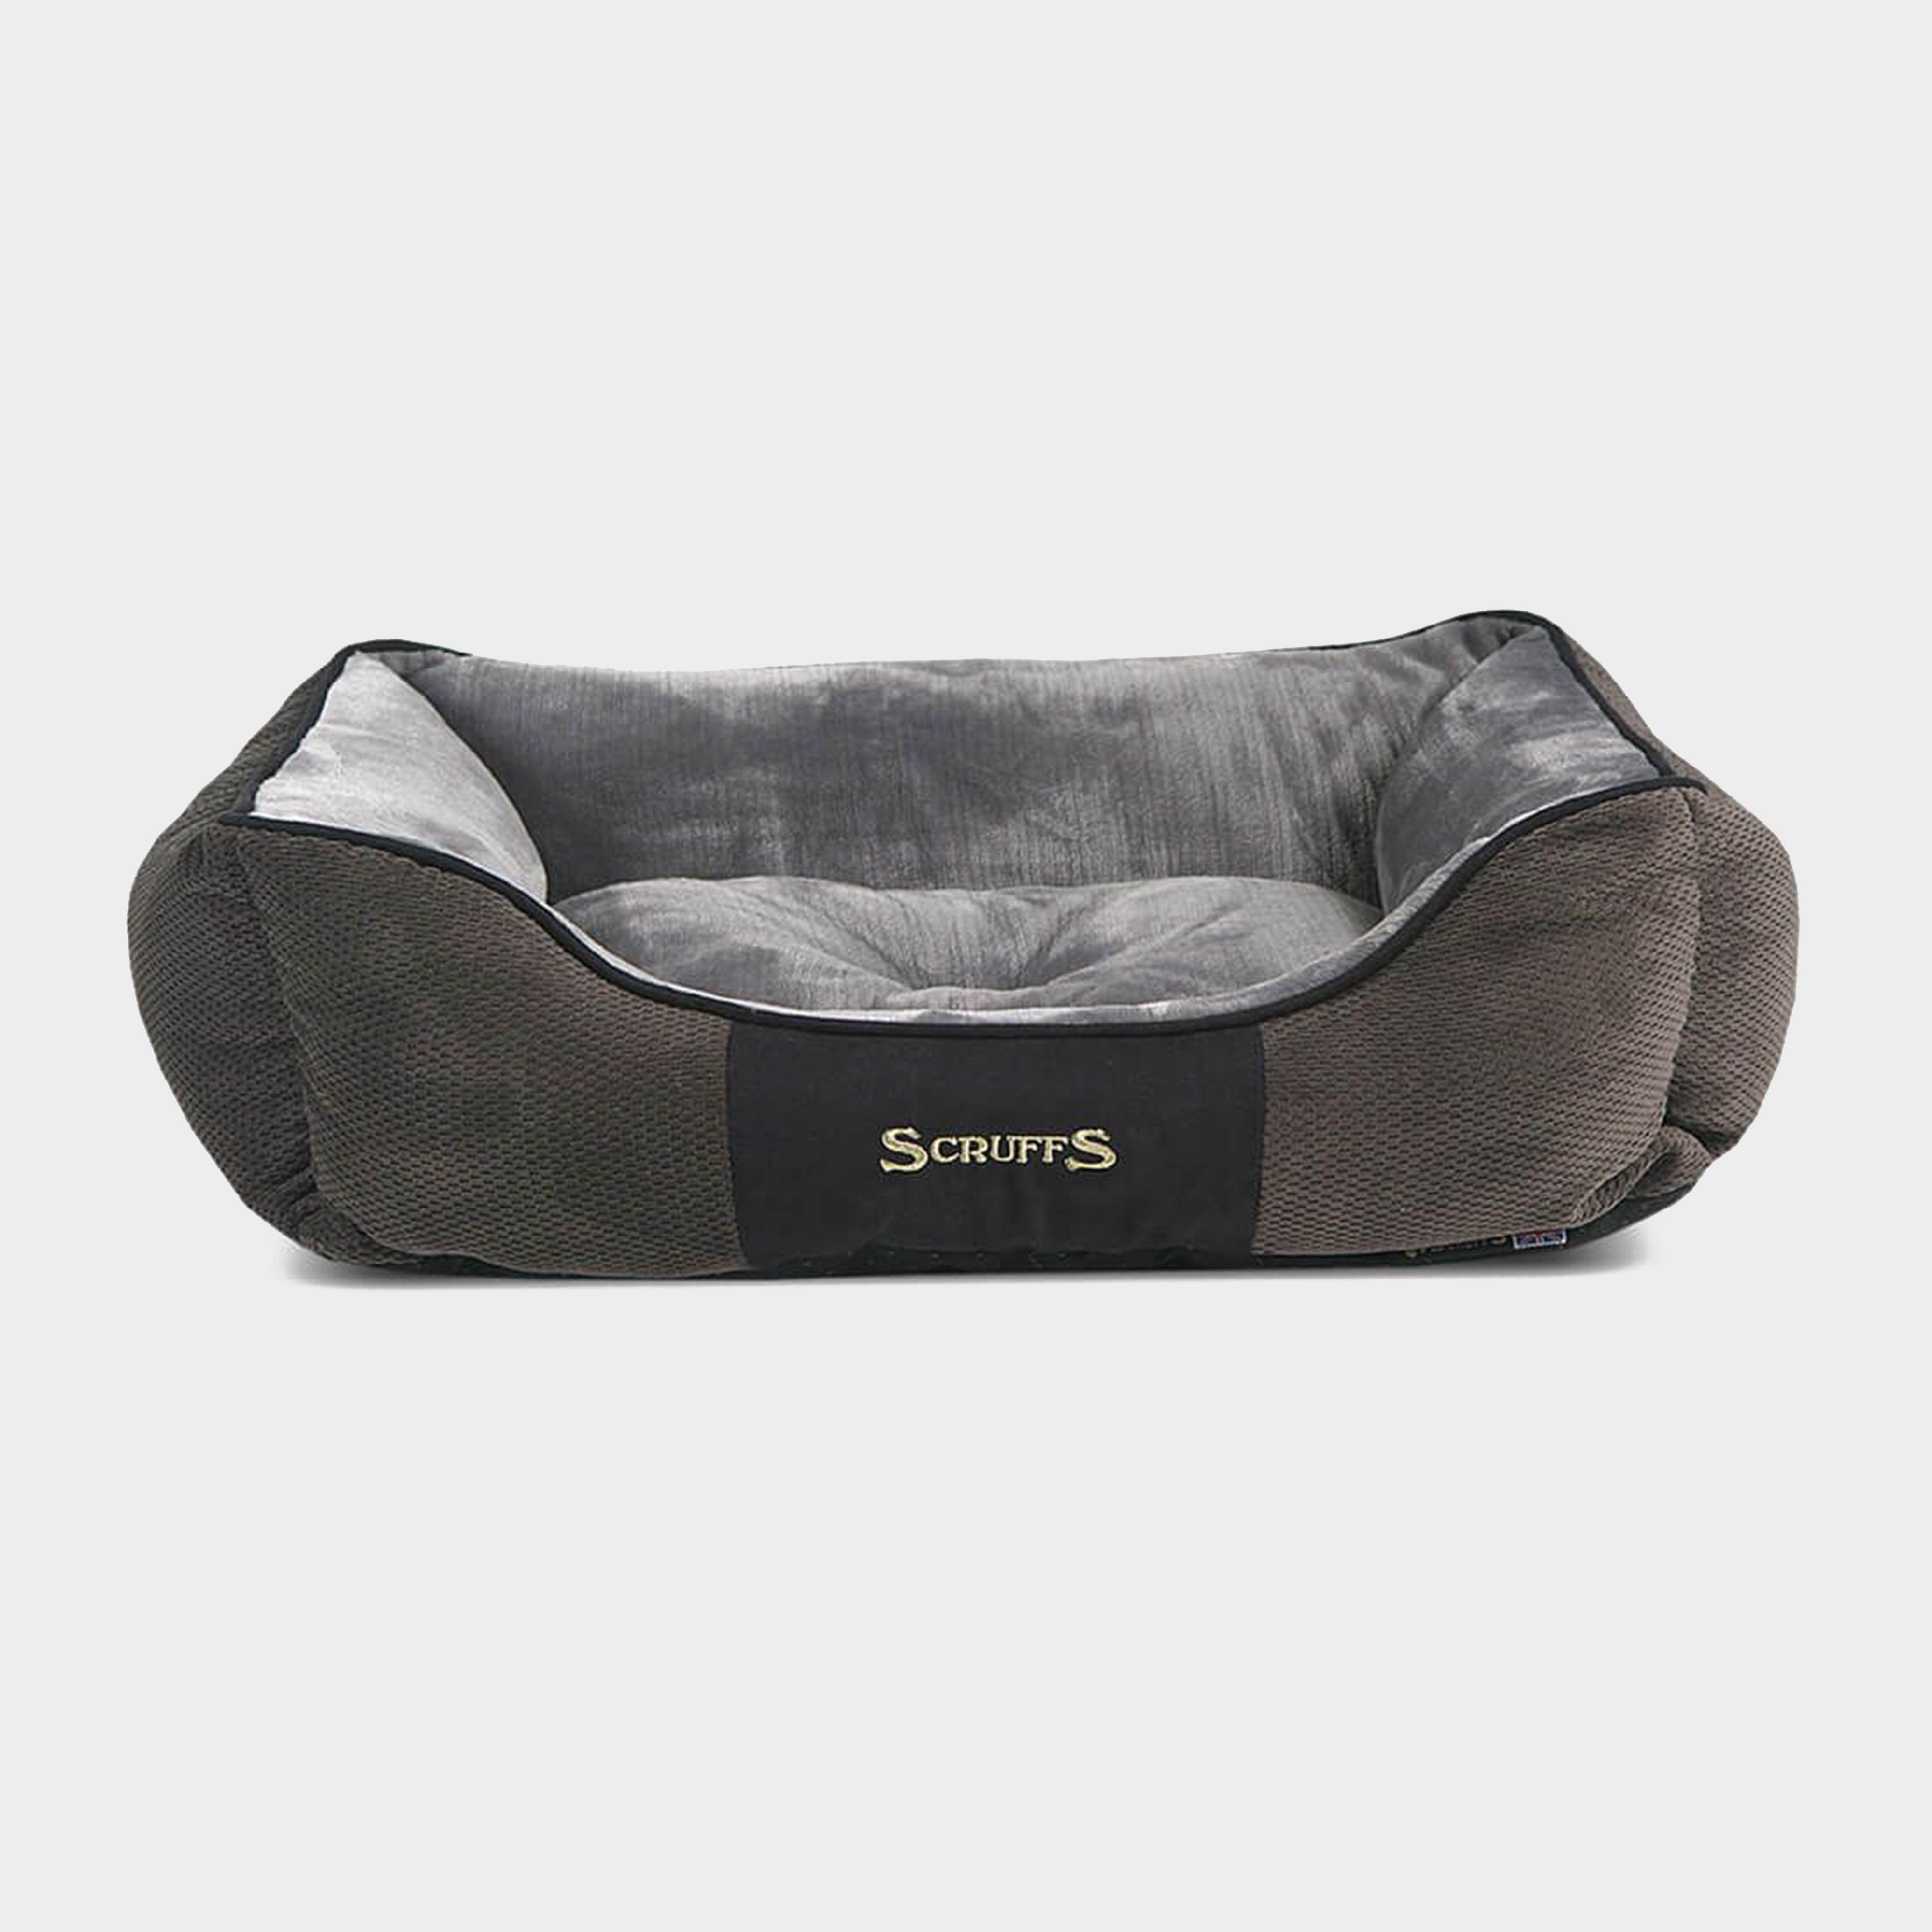 Scruffs Chester Dog Bed Medium - Grey, Grey